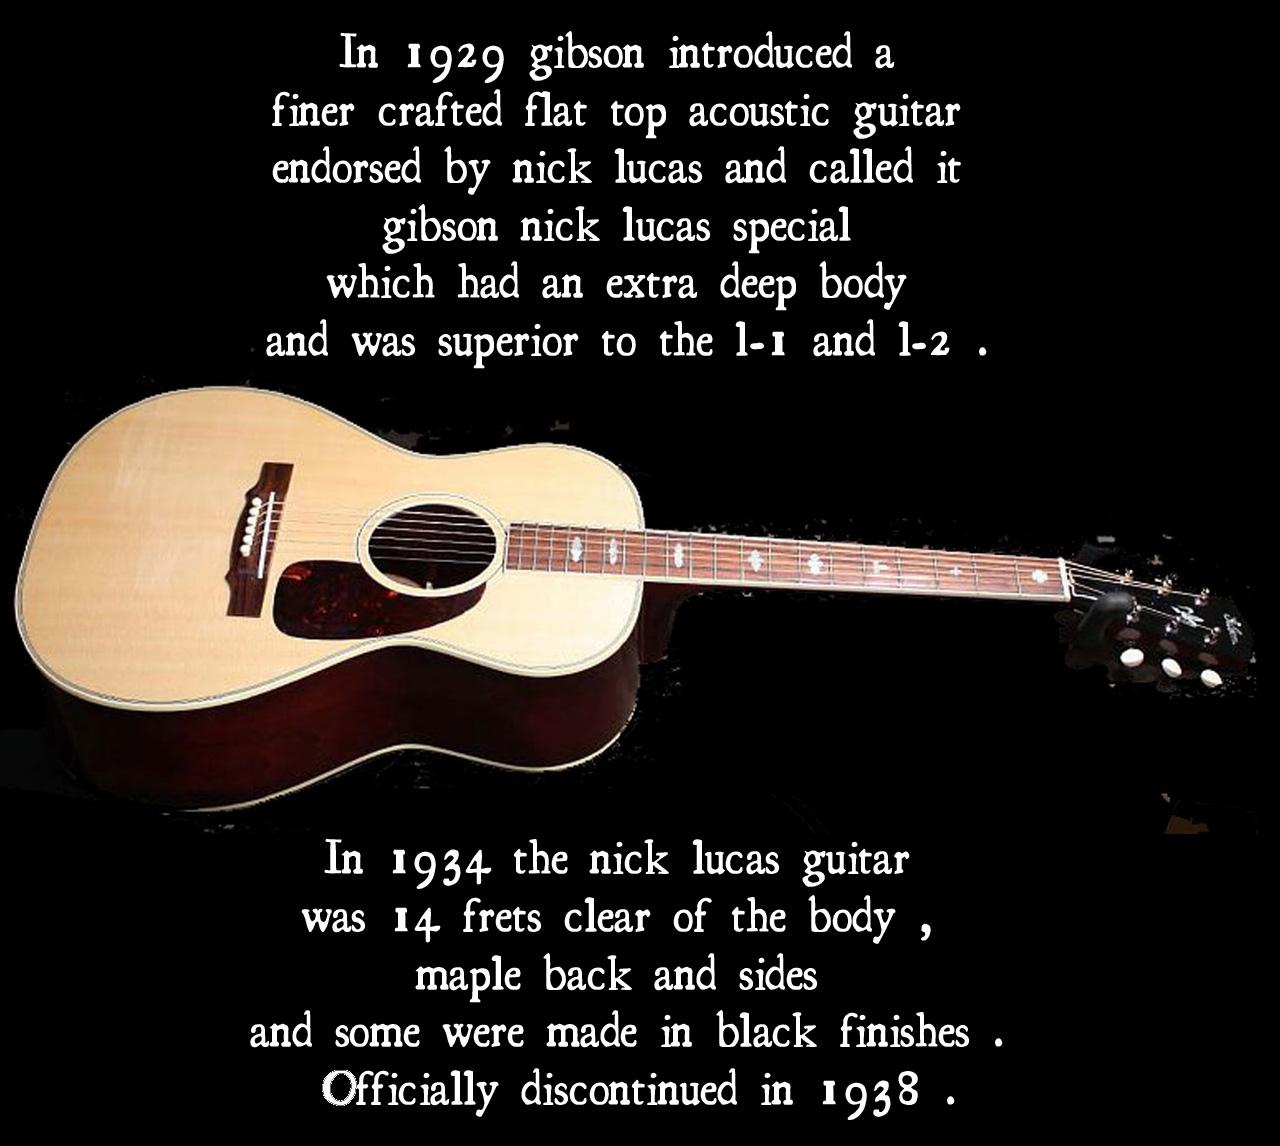 Gibson dick lucas